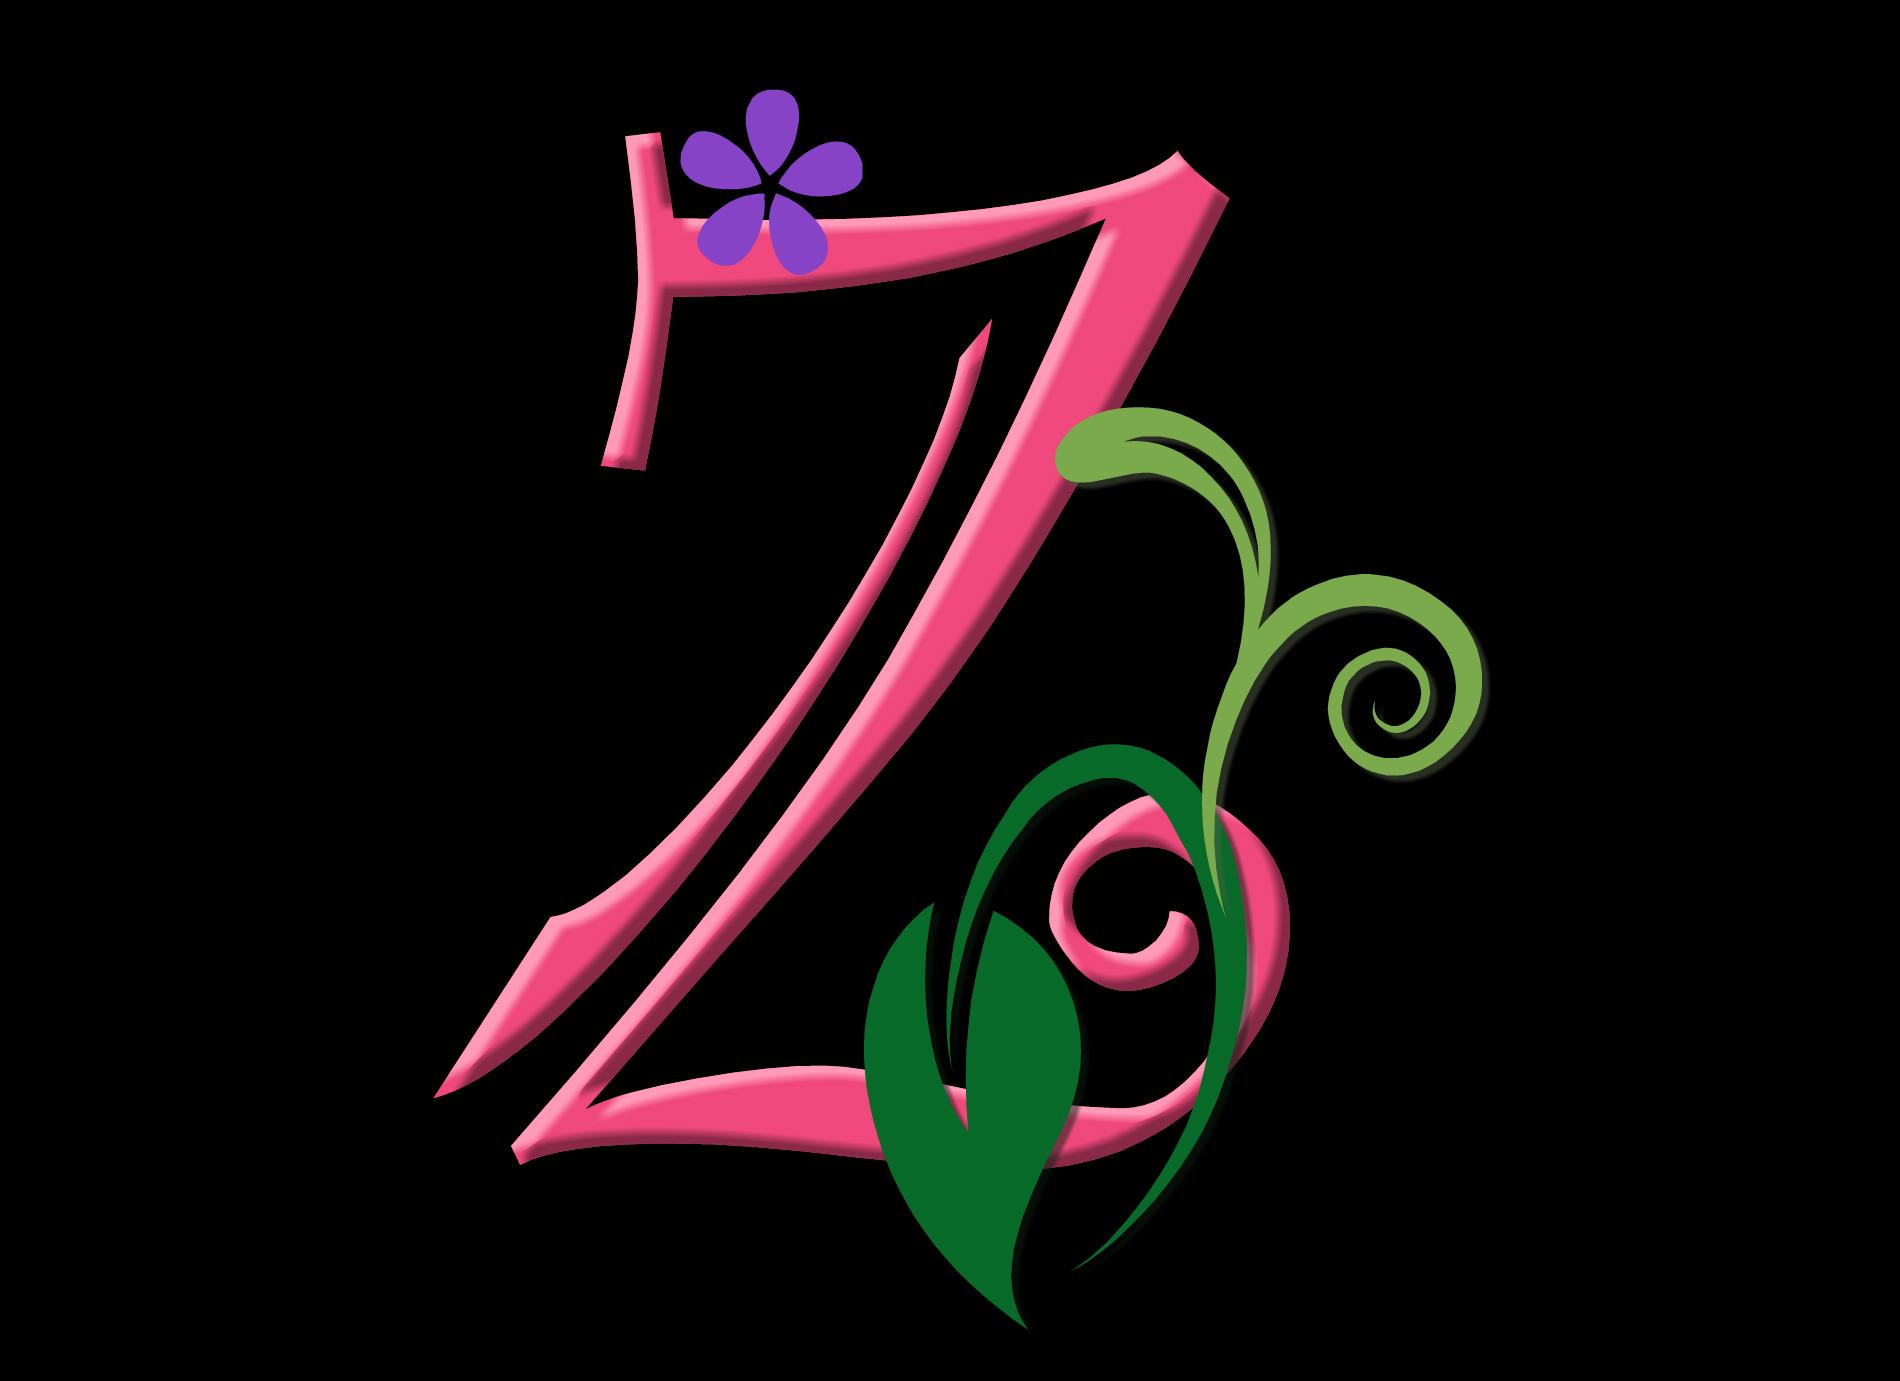 Cute Live Wallpaper Download صور و خلفيات حرف Z مميزة لكل من يبدأ أسمهم بحرف Z